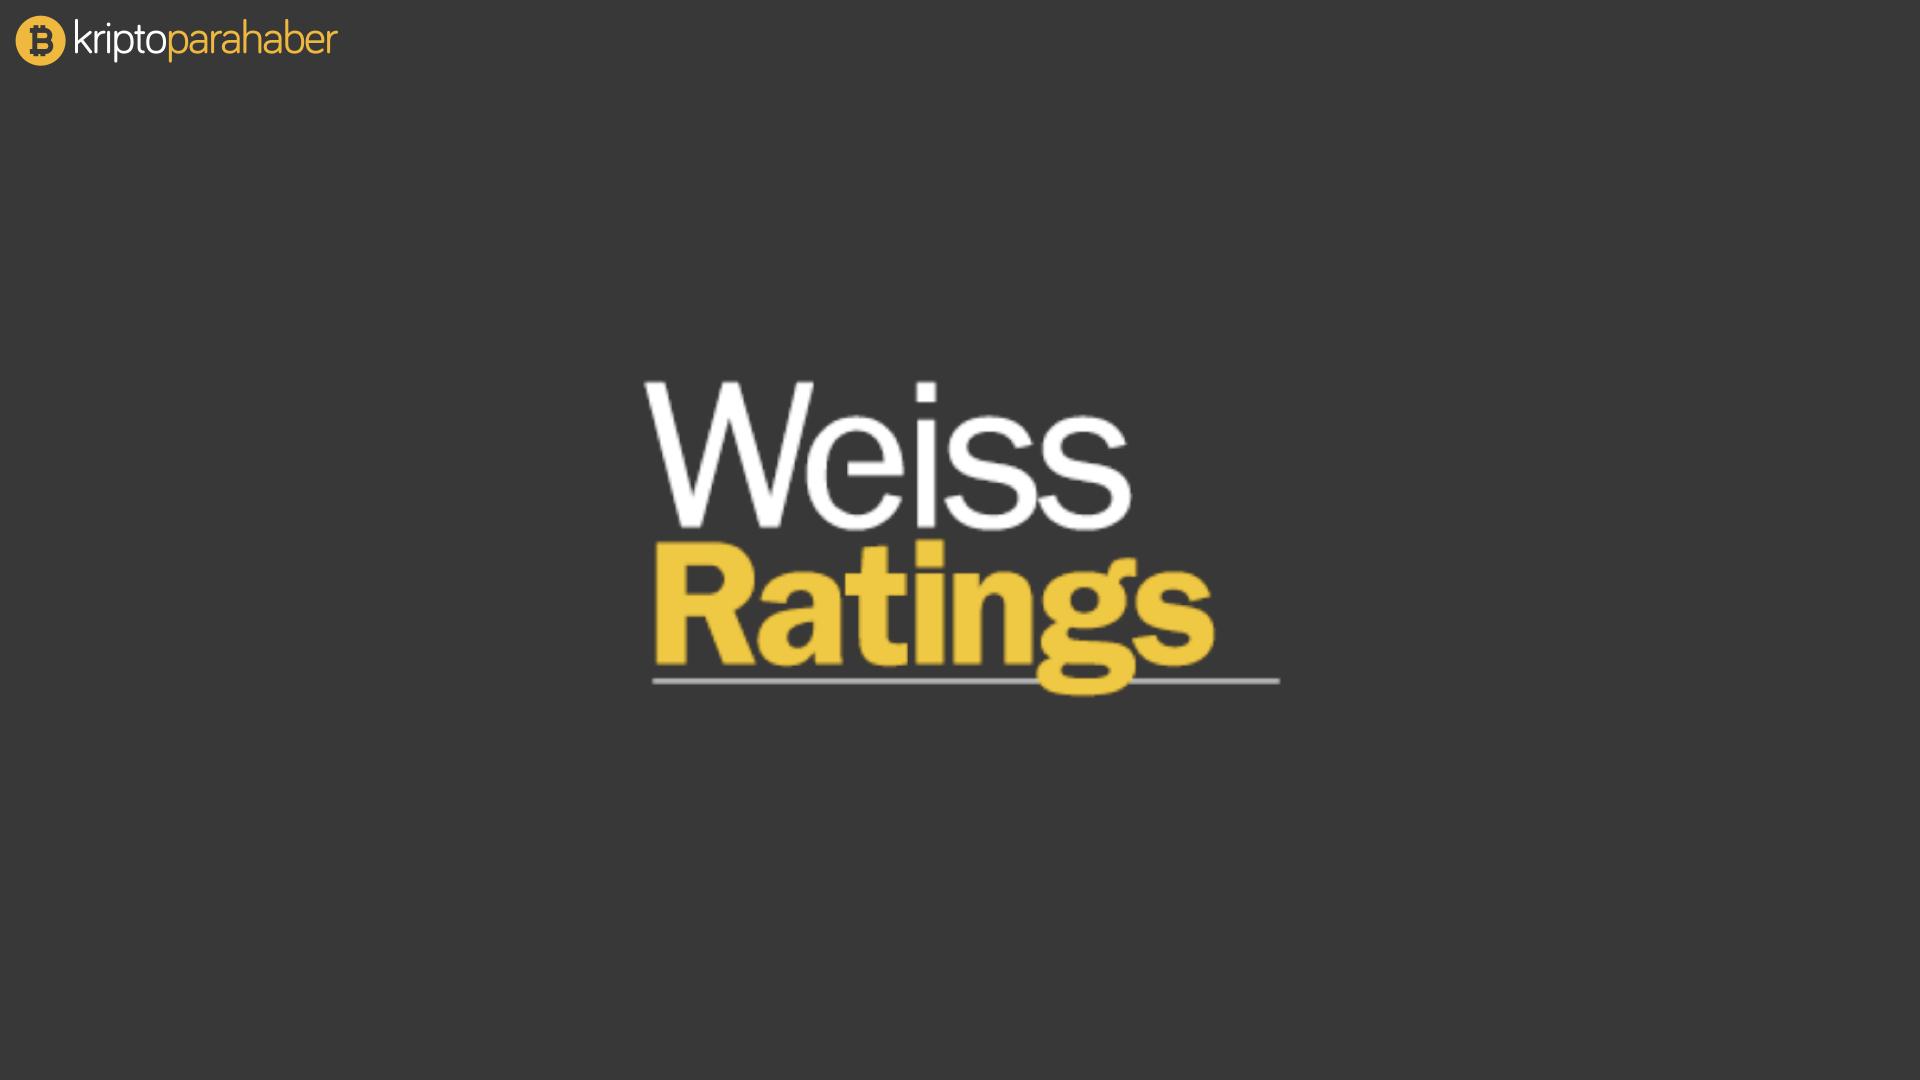 Weiss Ratings kripto paraları neye göre değerlendiriyor?